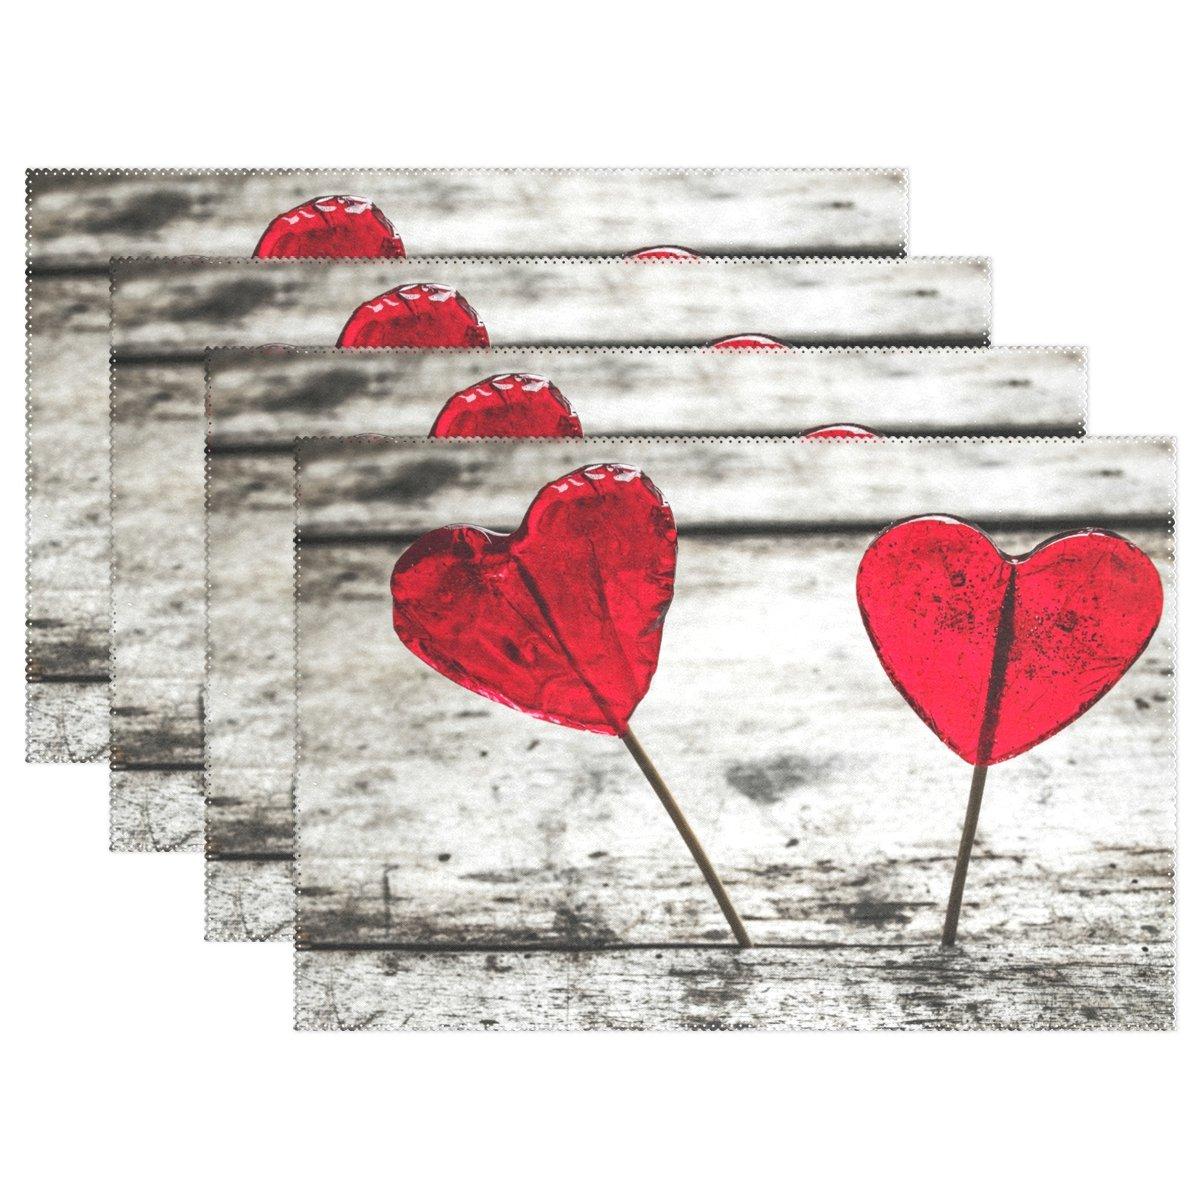 naanleバレンタインの日、プレースマットフローラルレッドハート耐熱Washableテーブルデコレーションを配置用マットキッチンダイニングテーブル 12*18inch 1834677p145c160s252 6 マルチカラー5 B07855NL4R